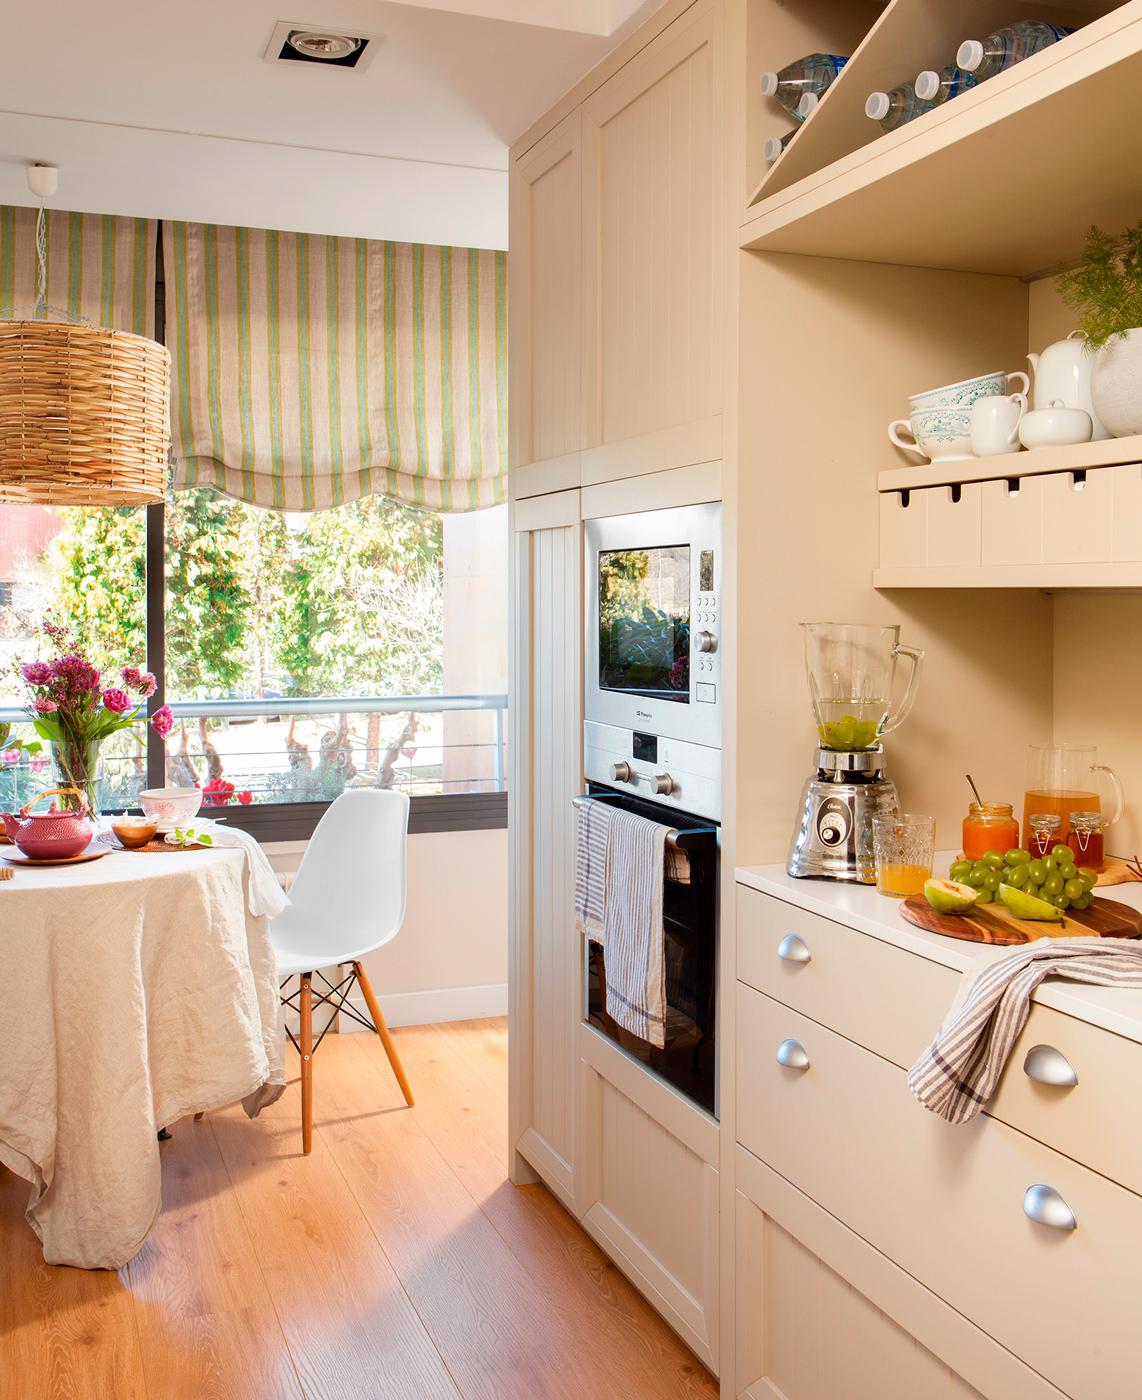 Una cocina peque a con mucho orden y un office - Tiradores originales para muebles ...